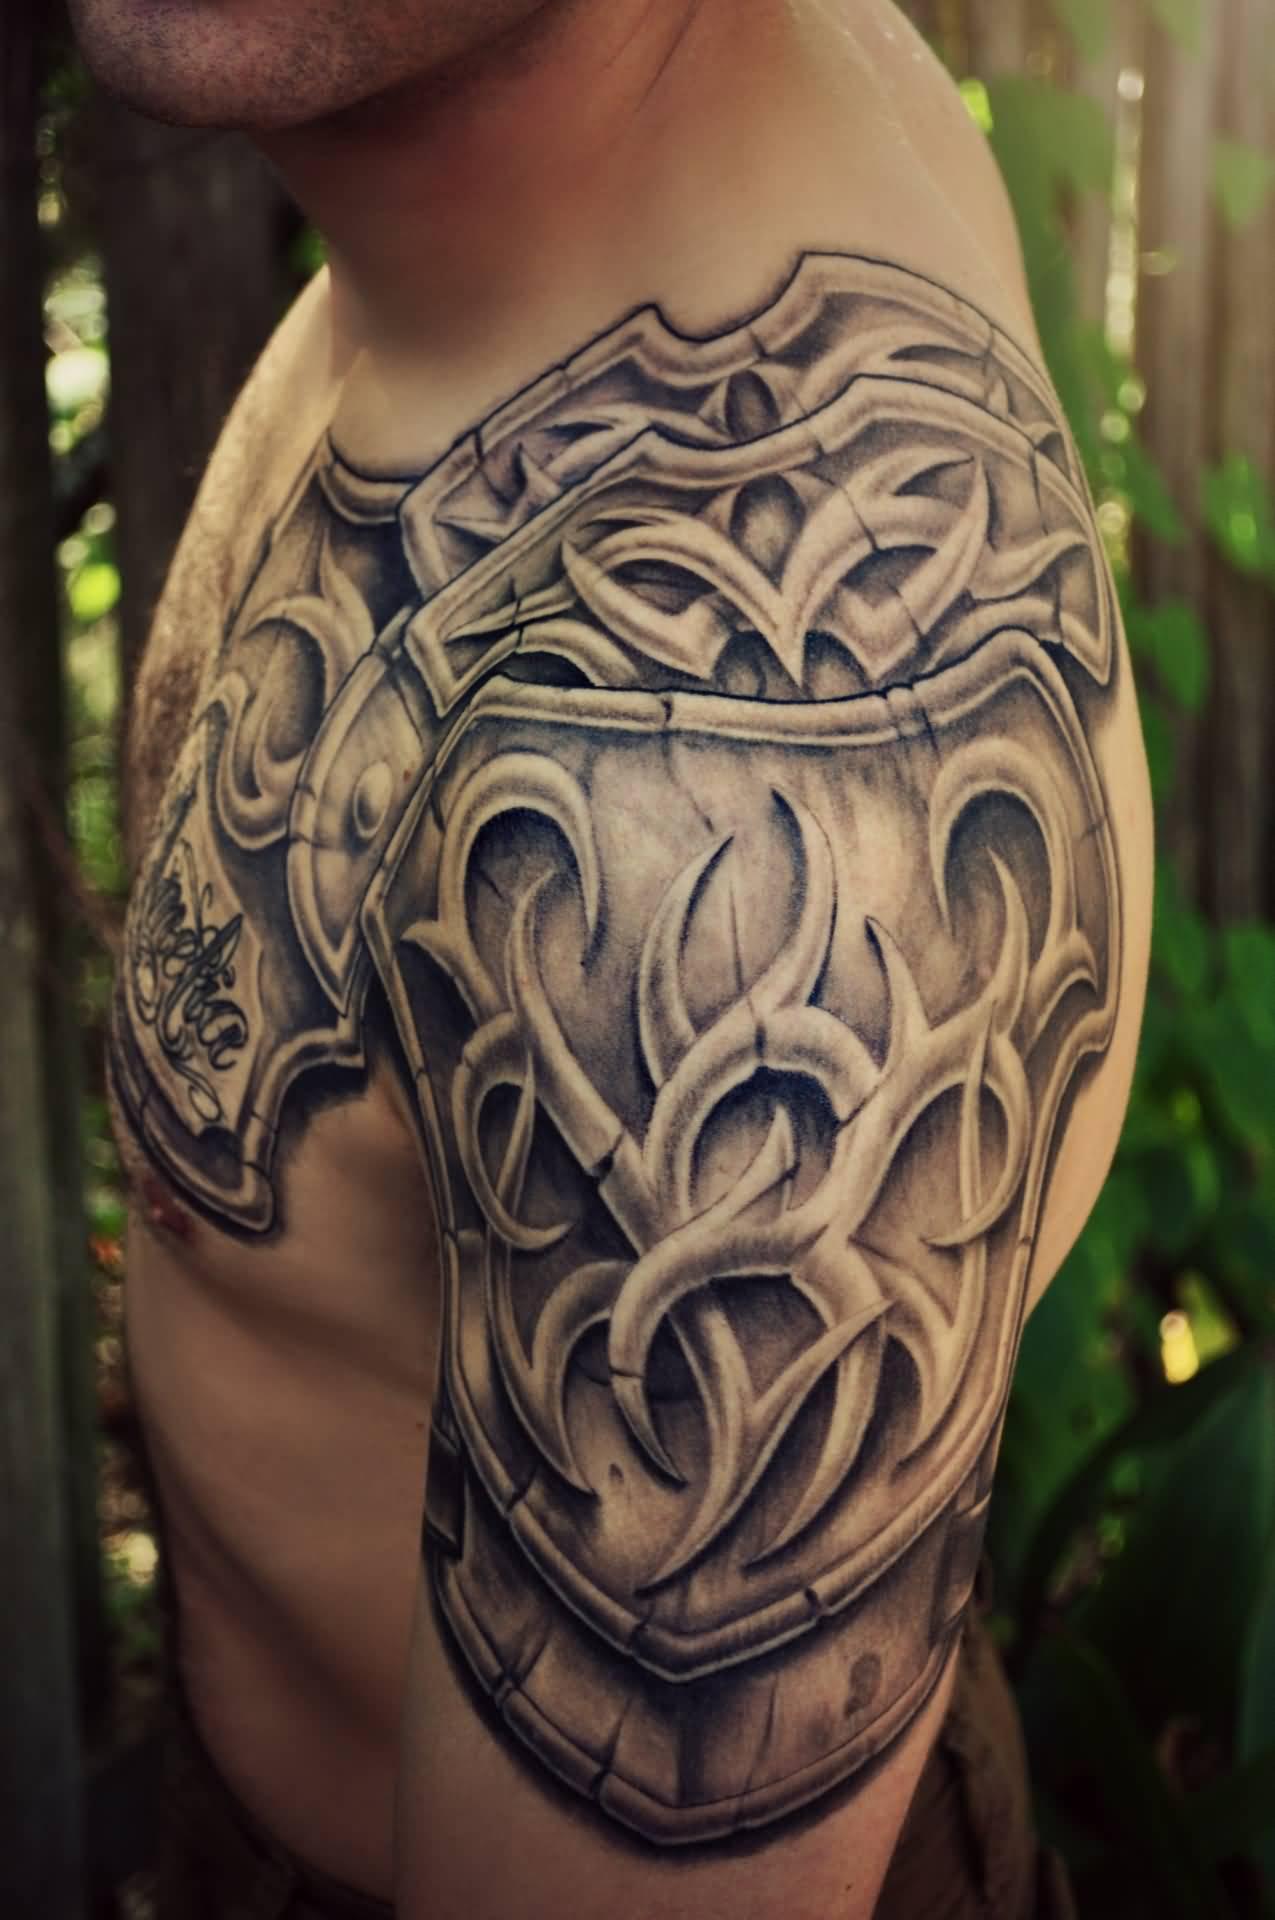 60+ Wonderful Armor Tattoos